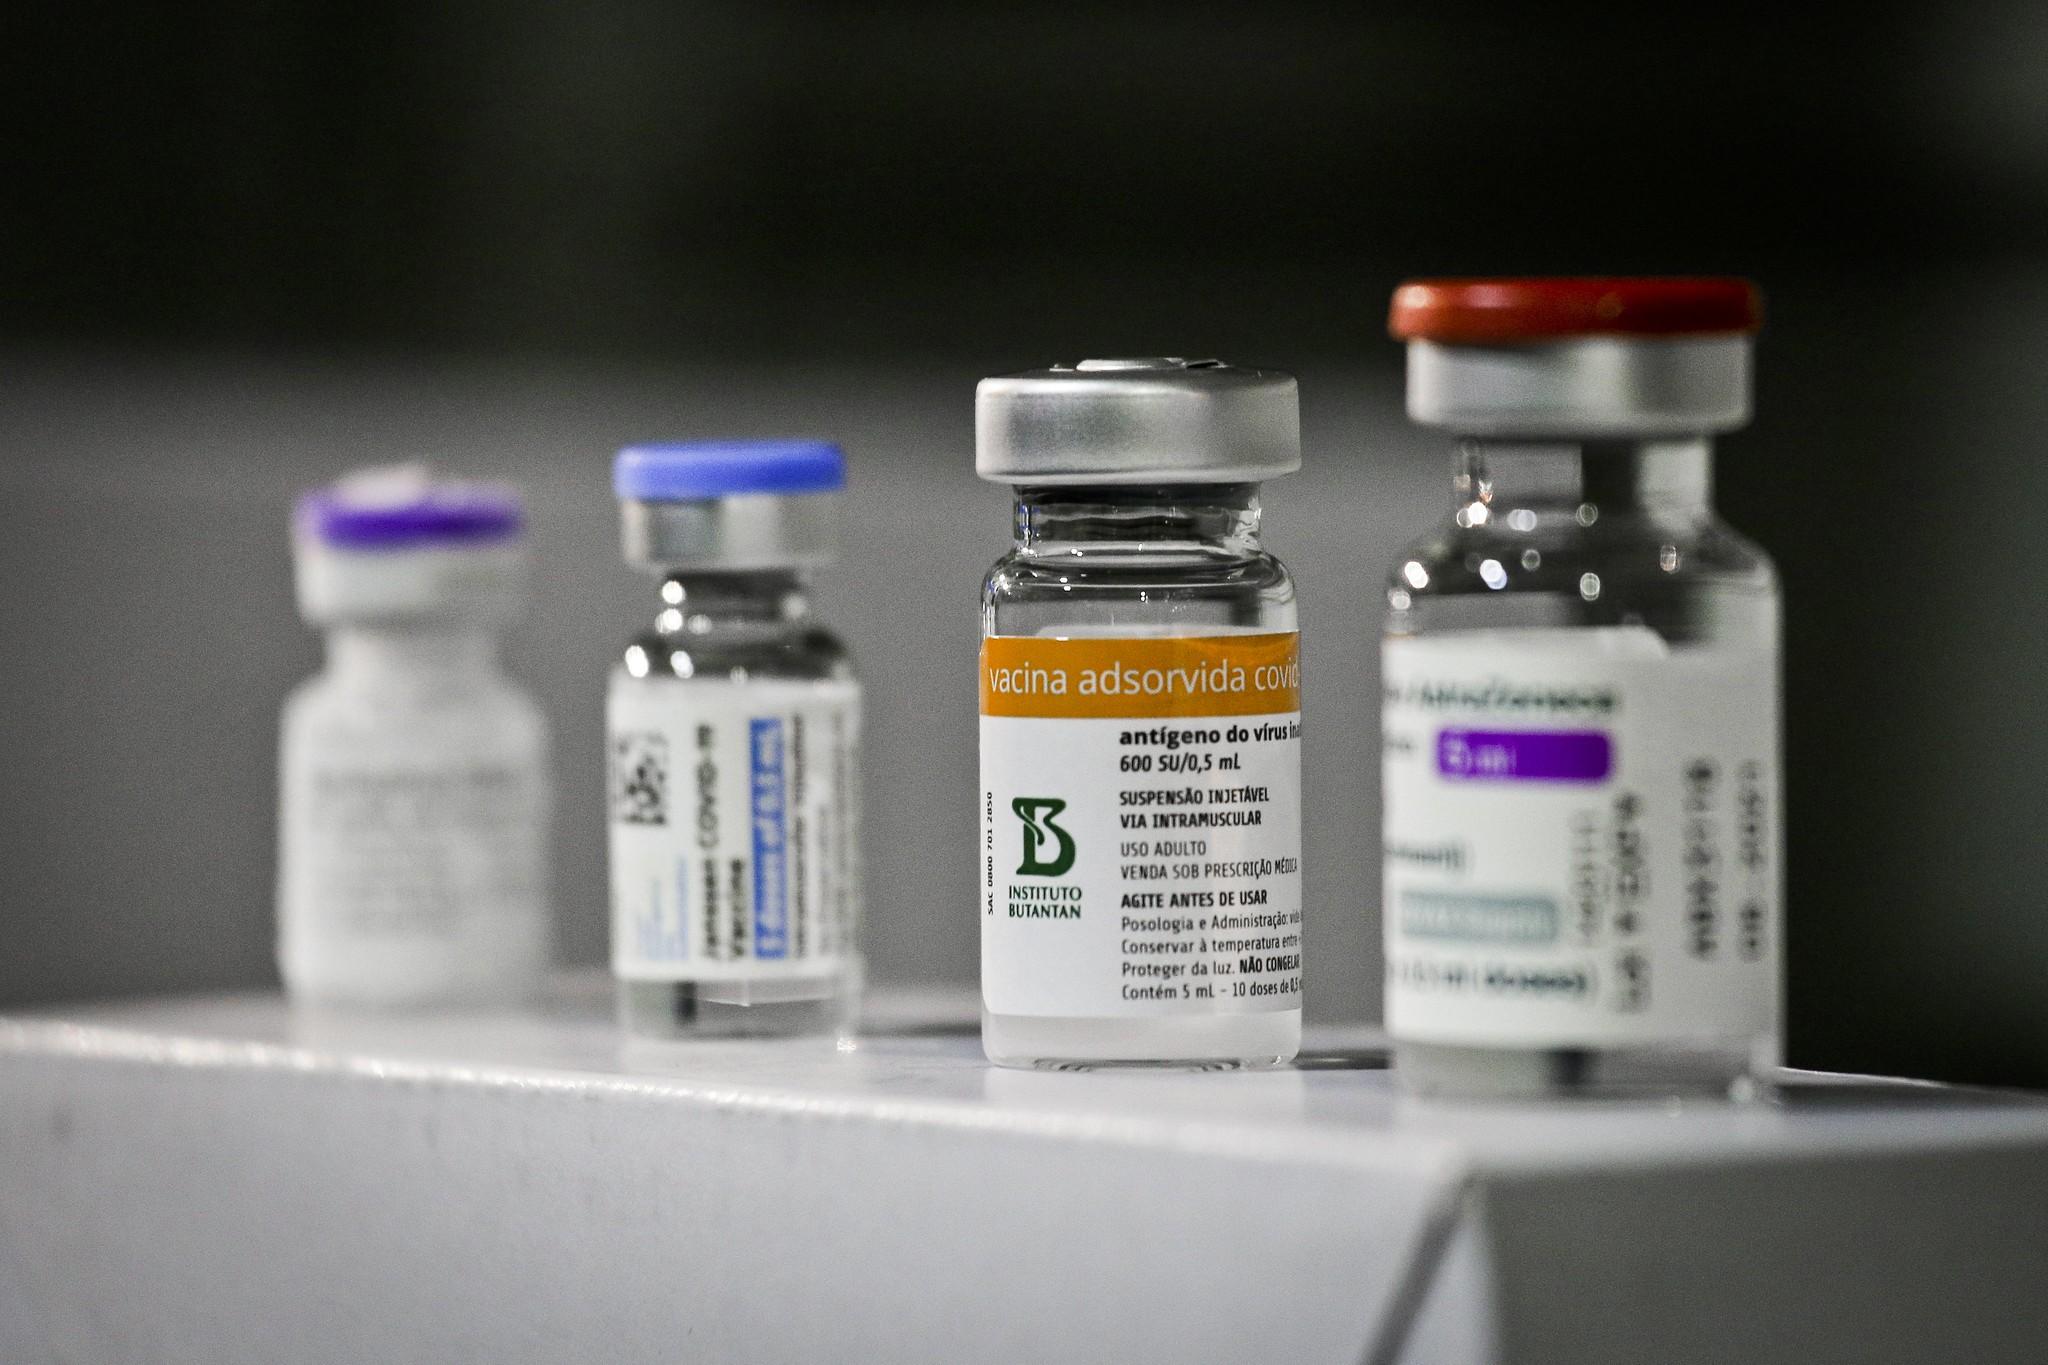 Covid-19: Itajubá anuncia vacinação de pessoas com 34 anos para esta sexta-feira, 22 de julho